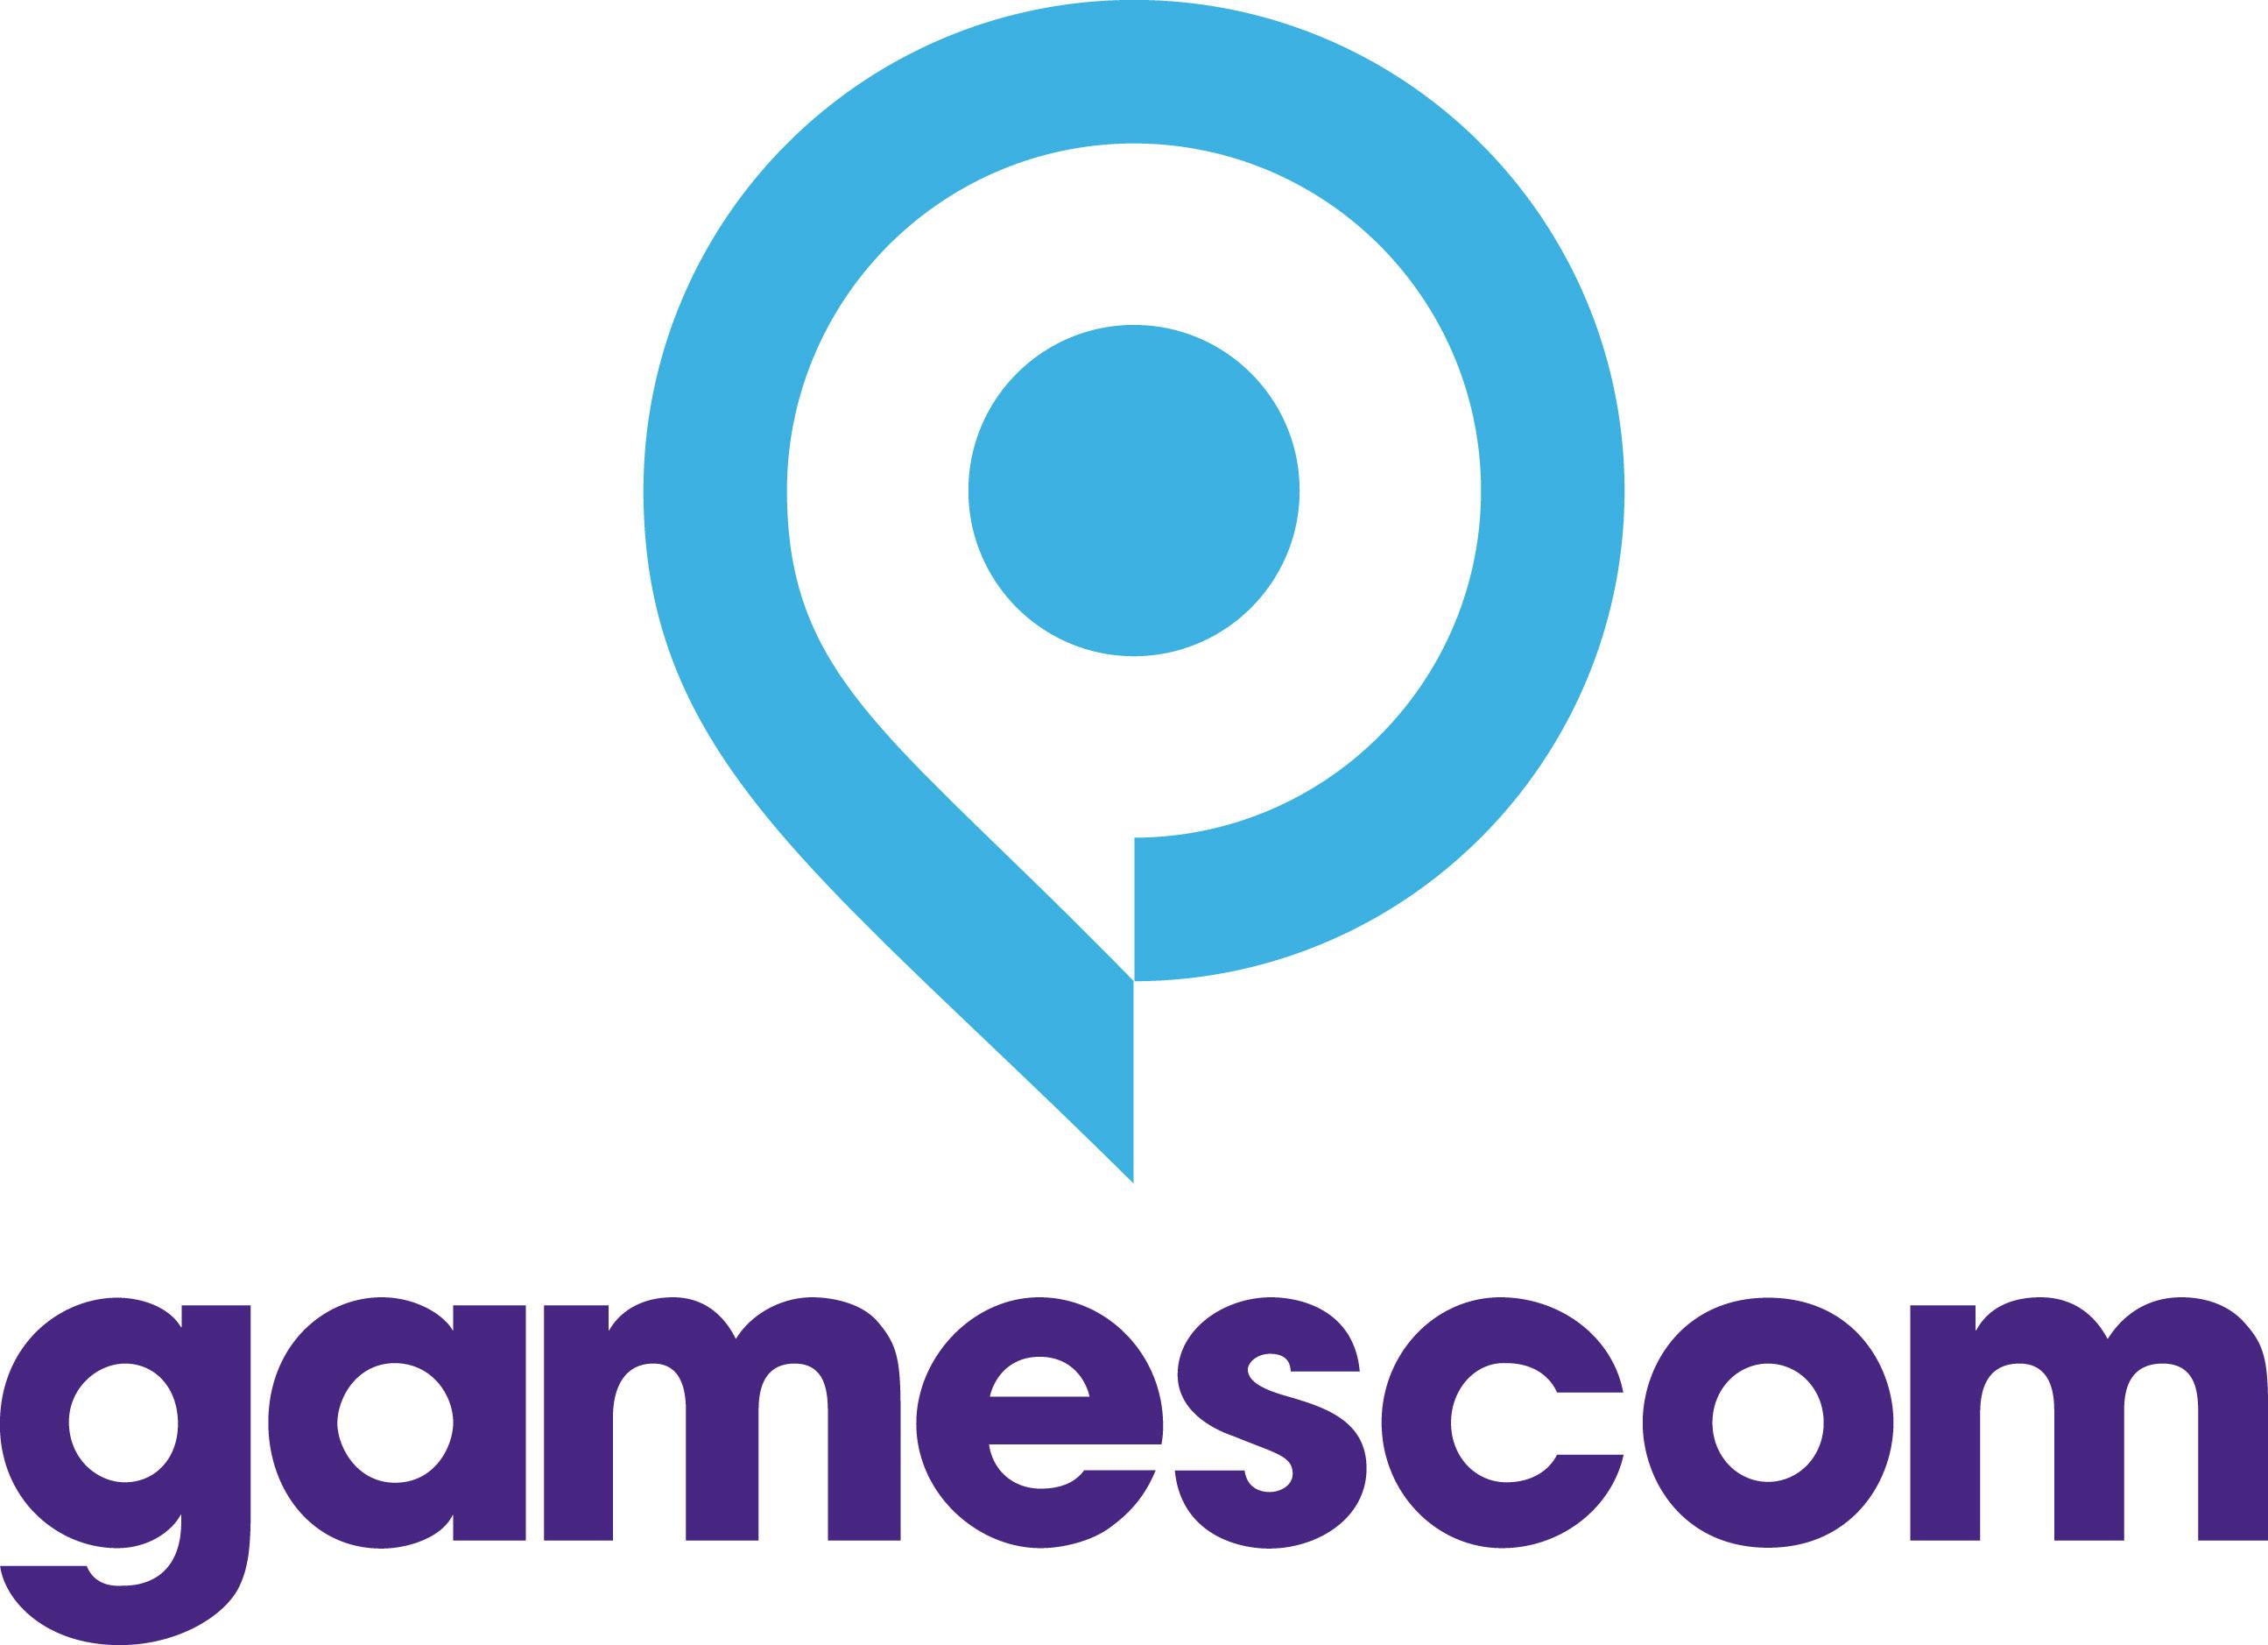 La Gamescom nos dejó un montón de trailers veamos algunos de ellos [mientras busco los otros]